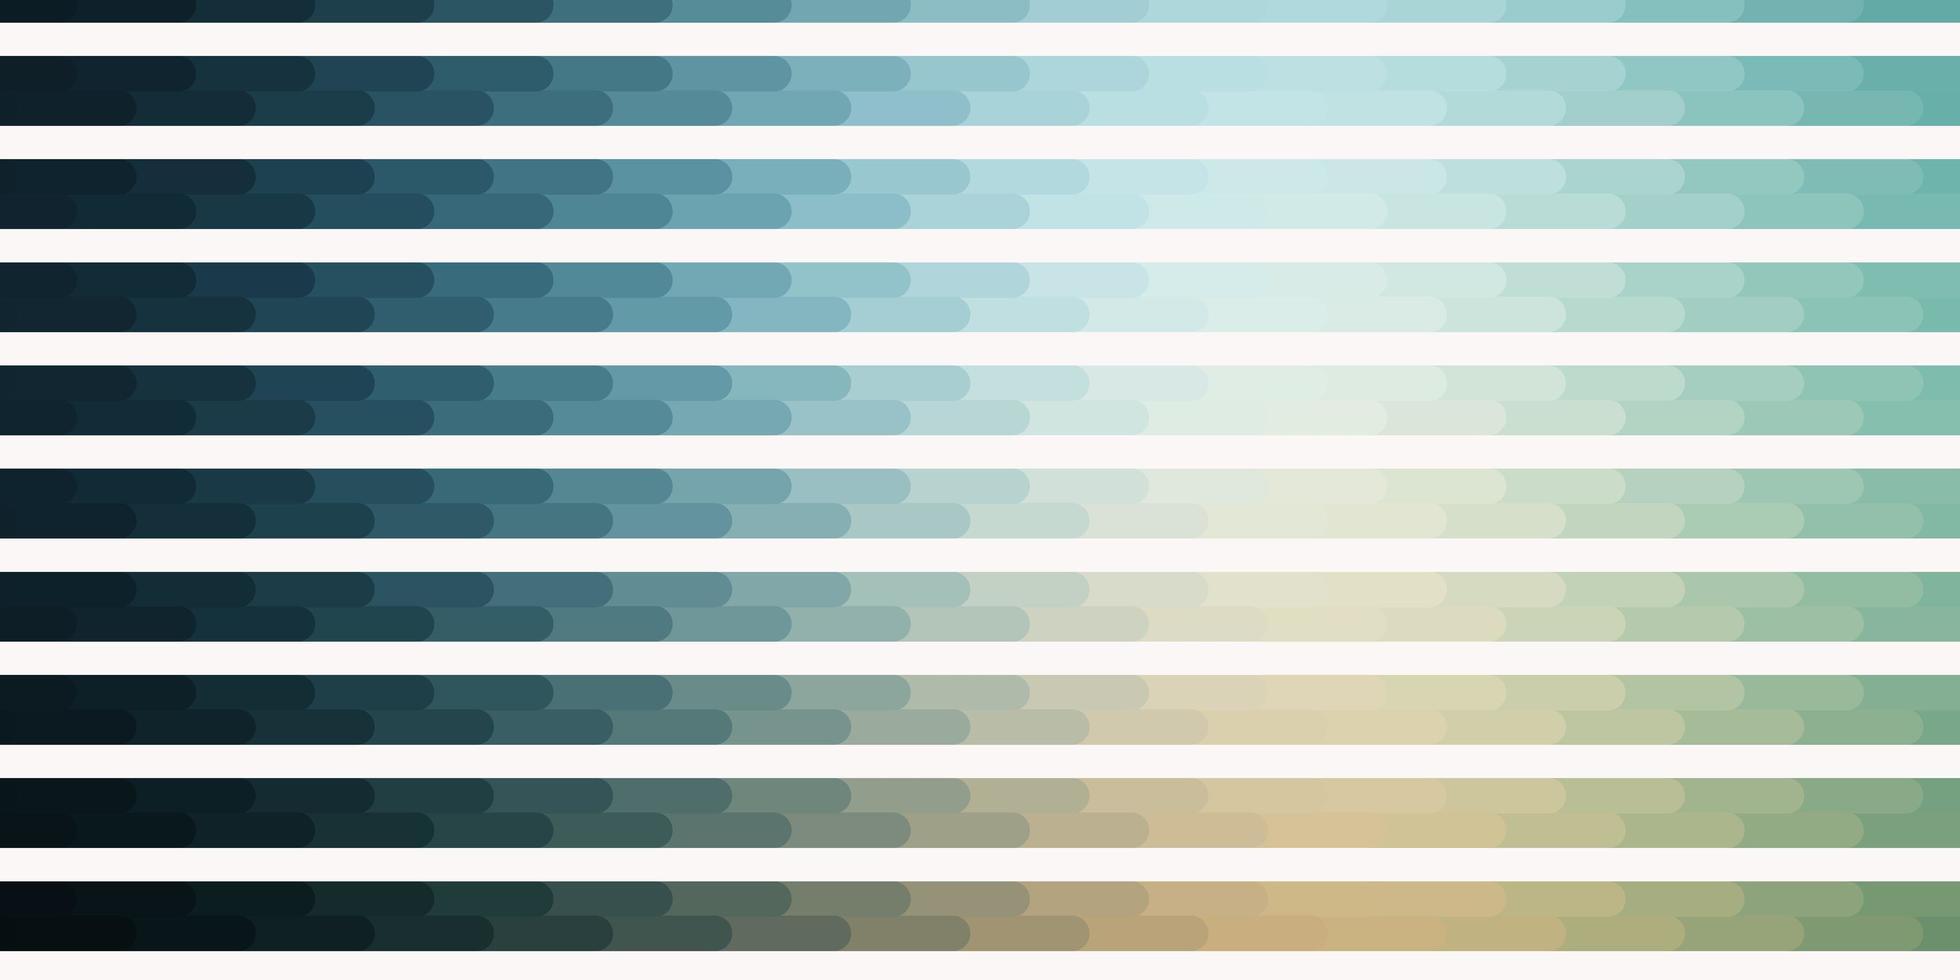 grönt mönster med linjer. vektor